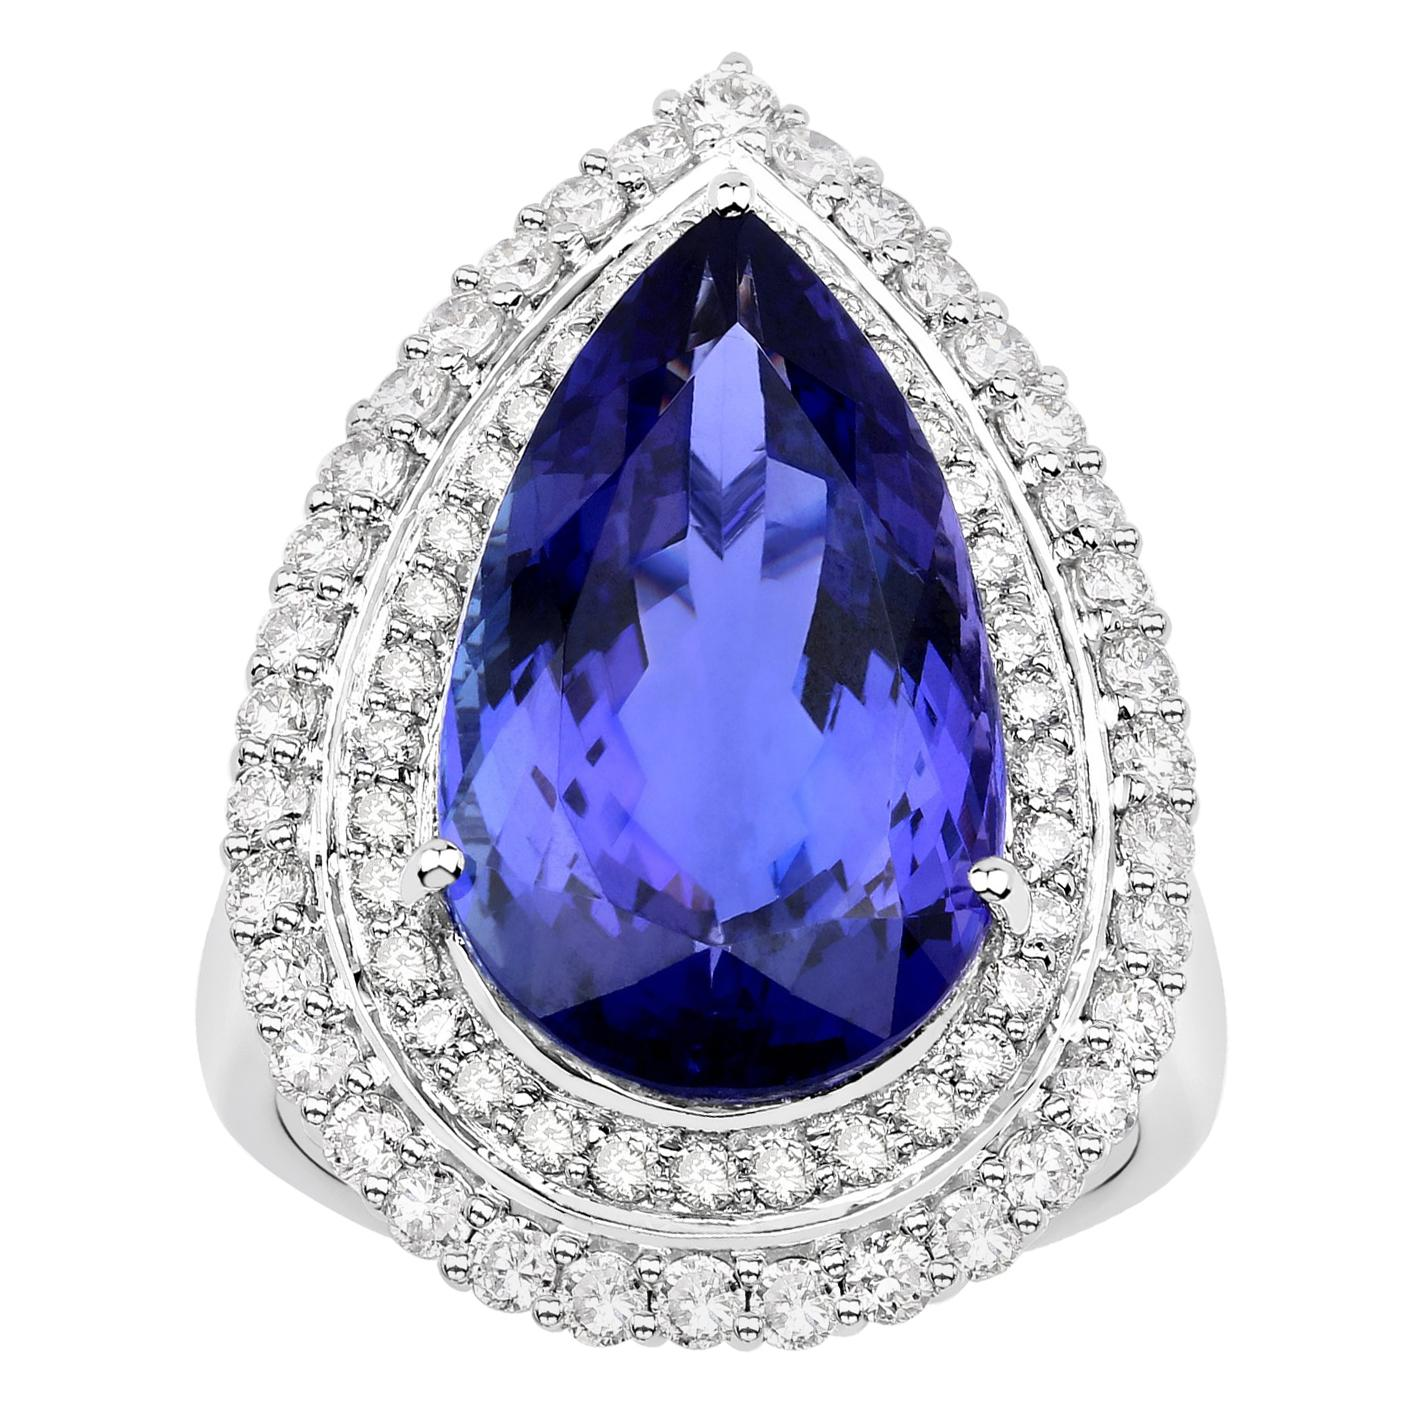 14.68 Carat Tanzanite Diamond 18 Karat White Gold Cocktail Ring